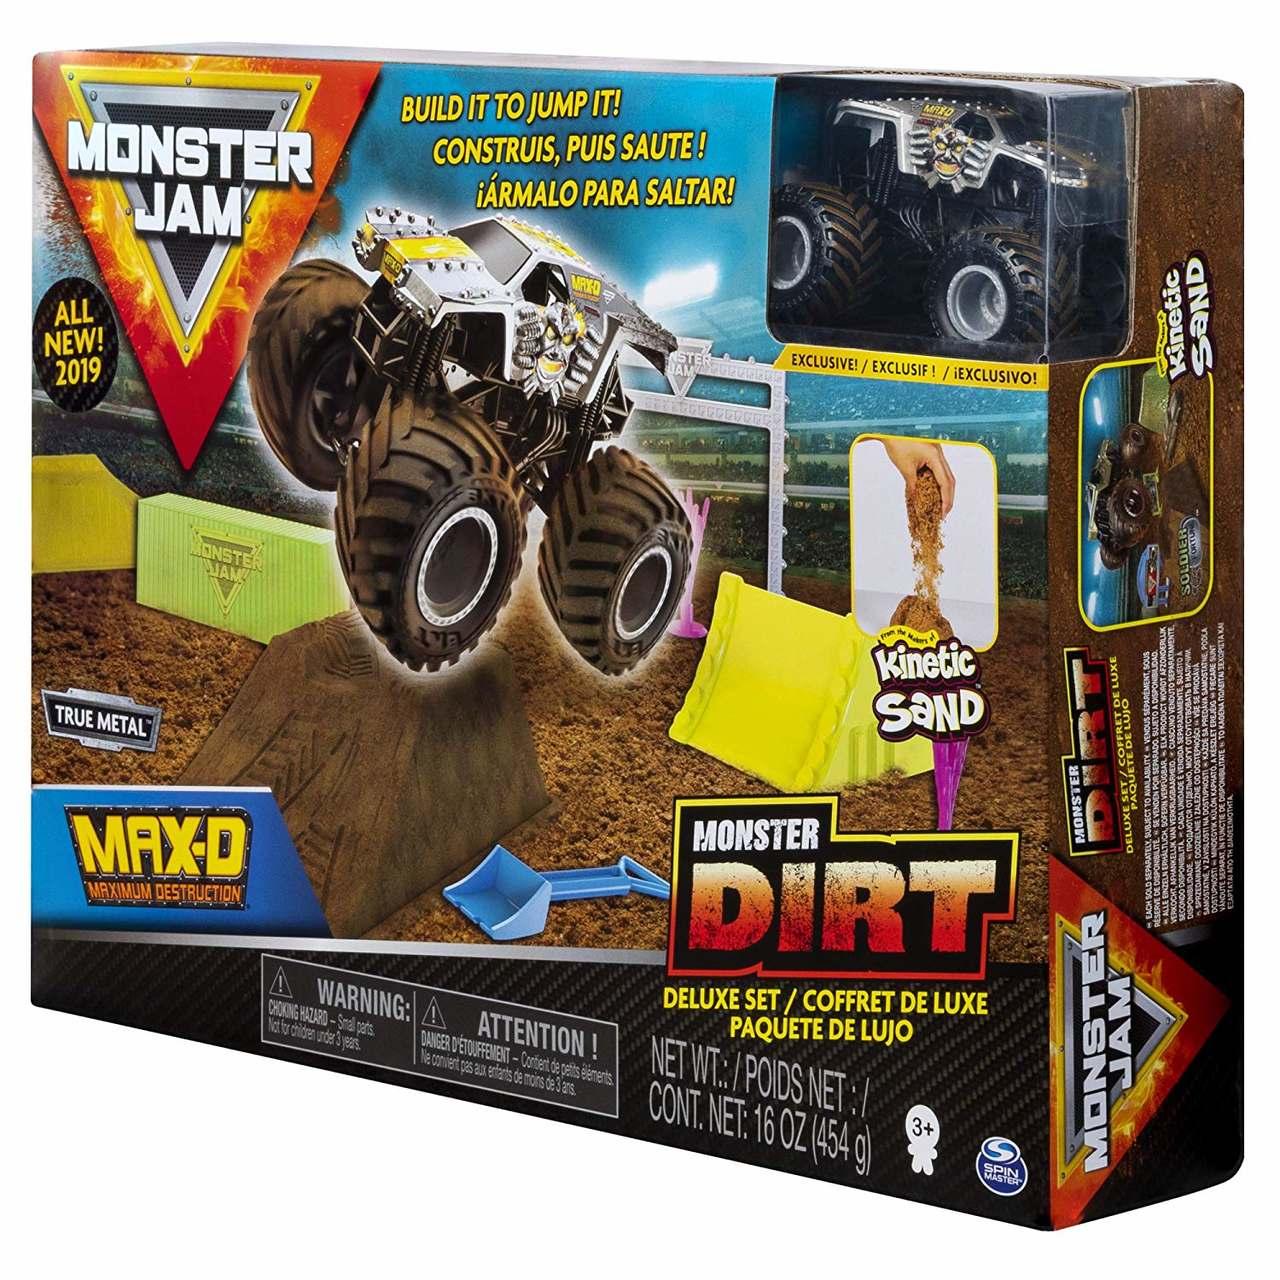 Pista Monster Jam - Playset Deluxe com 453 g de Areia Mágica